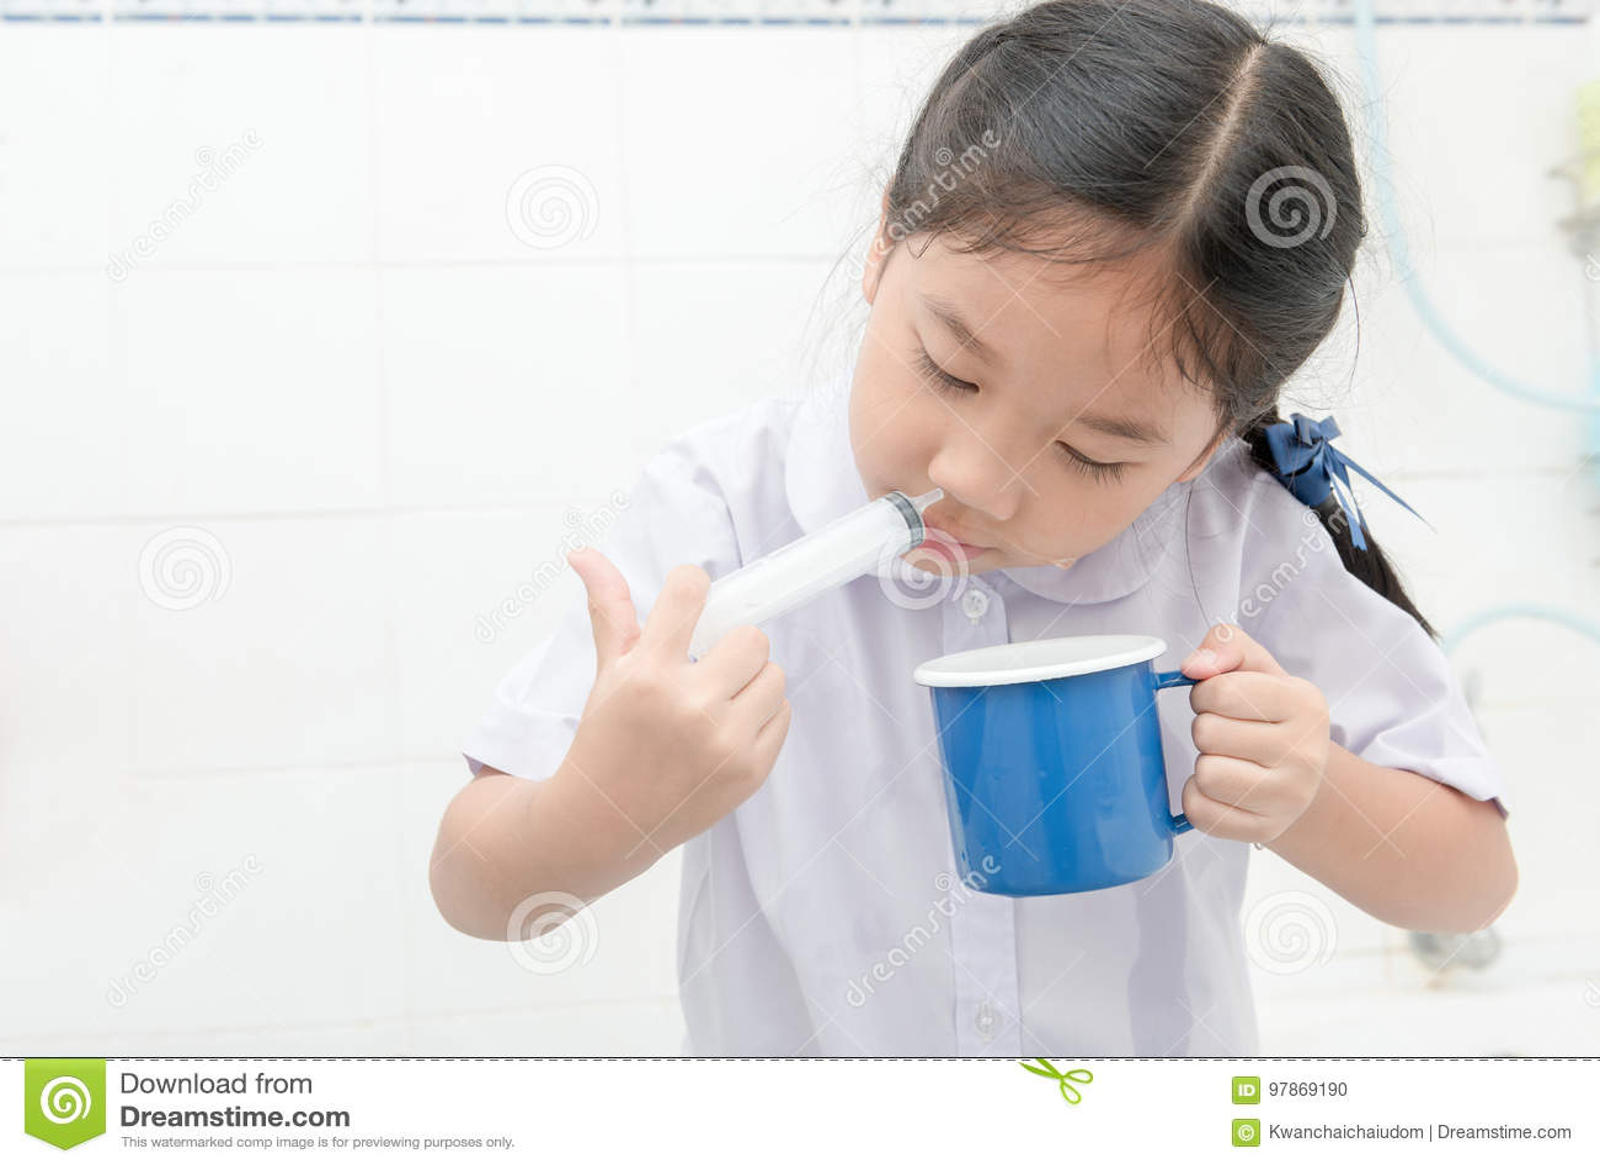 χαριτωμένο κορίτσι σύριγγες Έφηβος Πρωκτικό φωτογραφίες